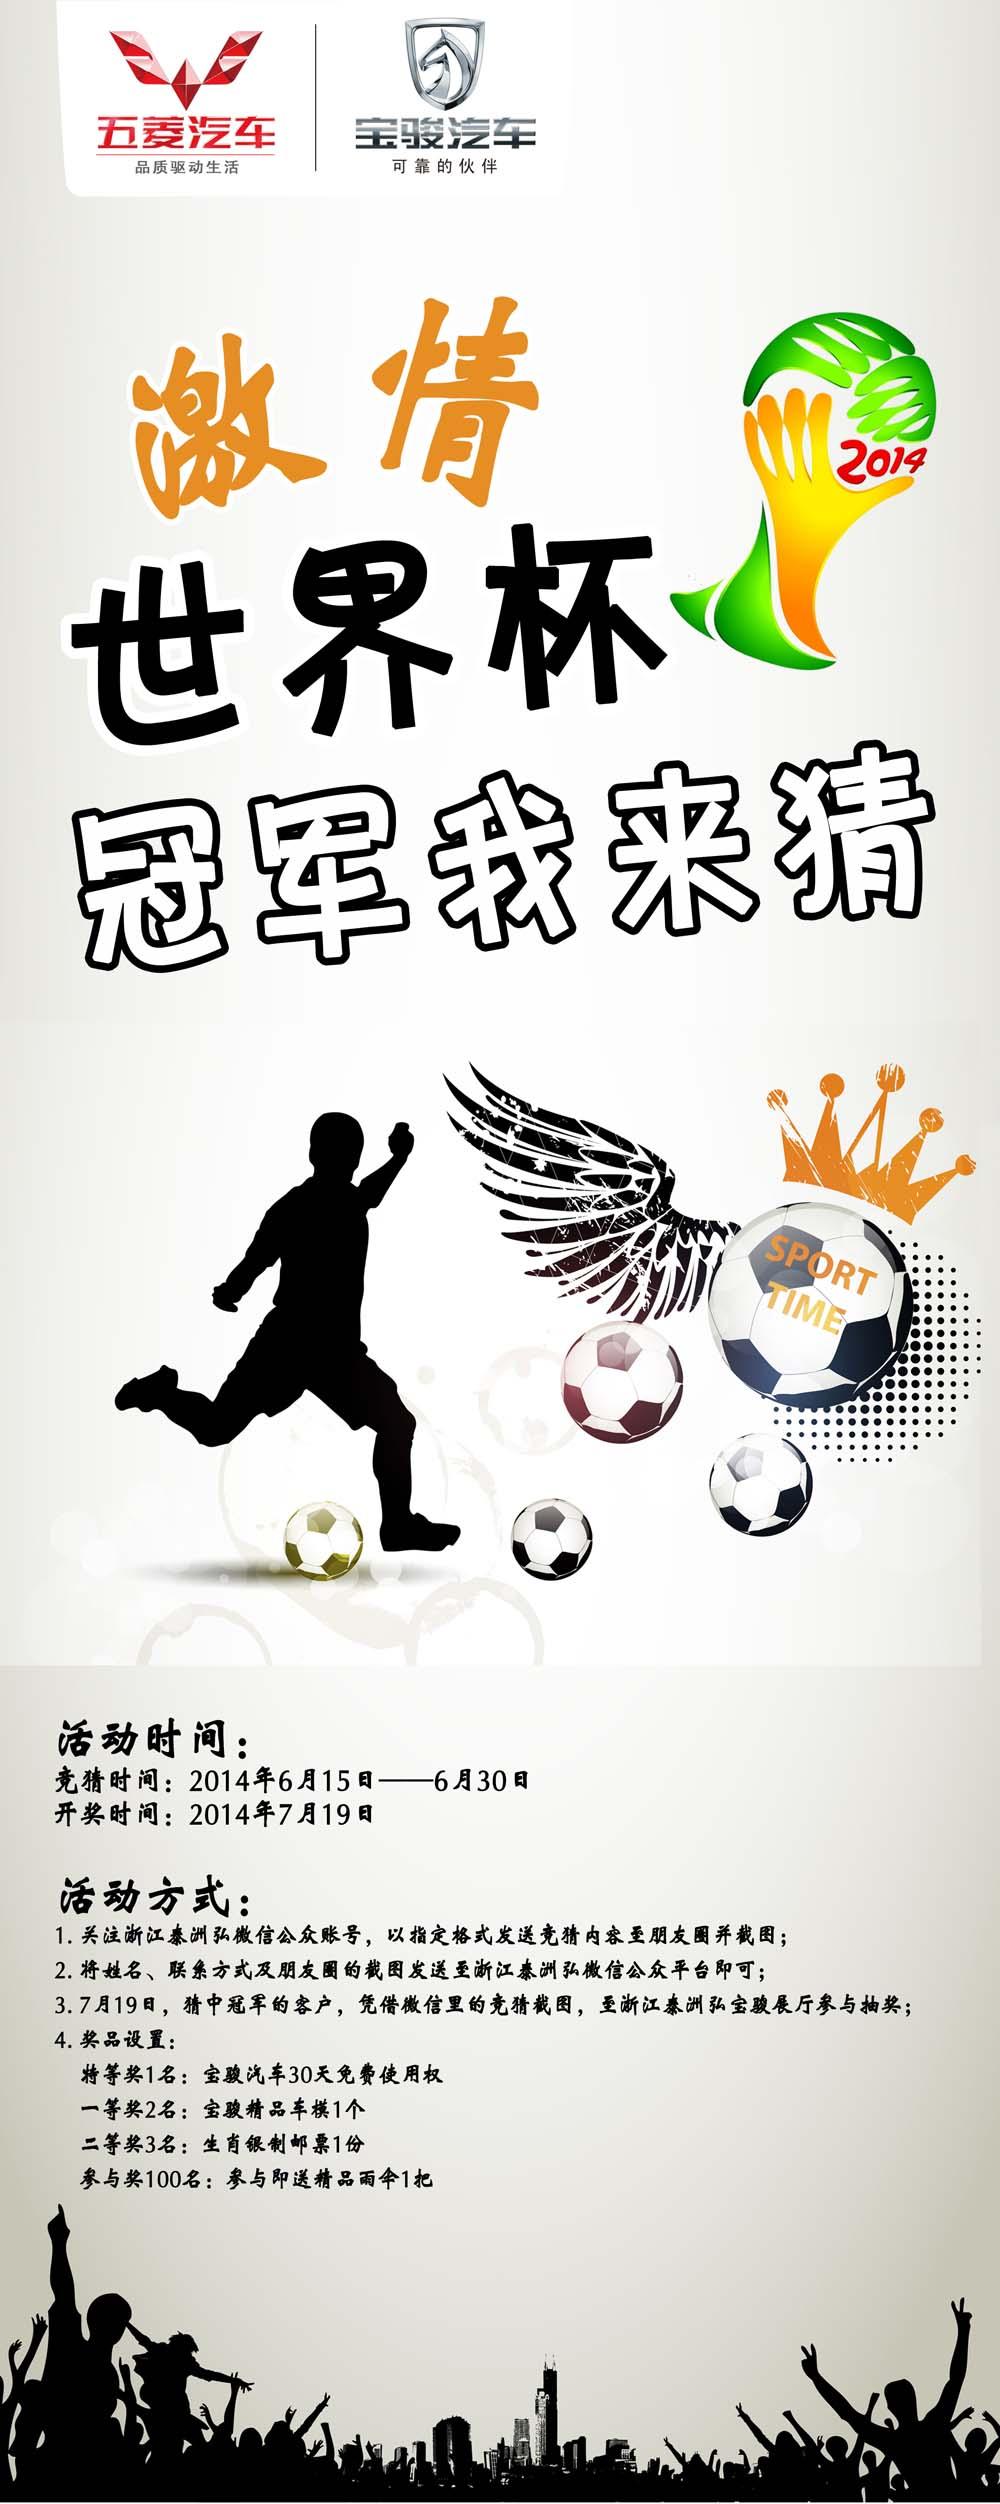 宝骏汽车世界杯冠军有奖竞猜-浙江红太阳